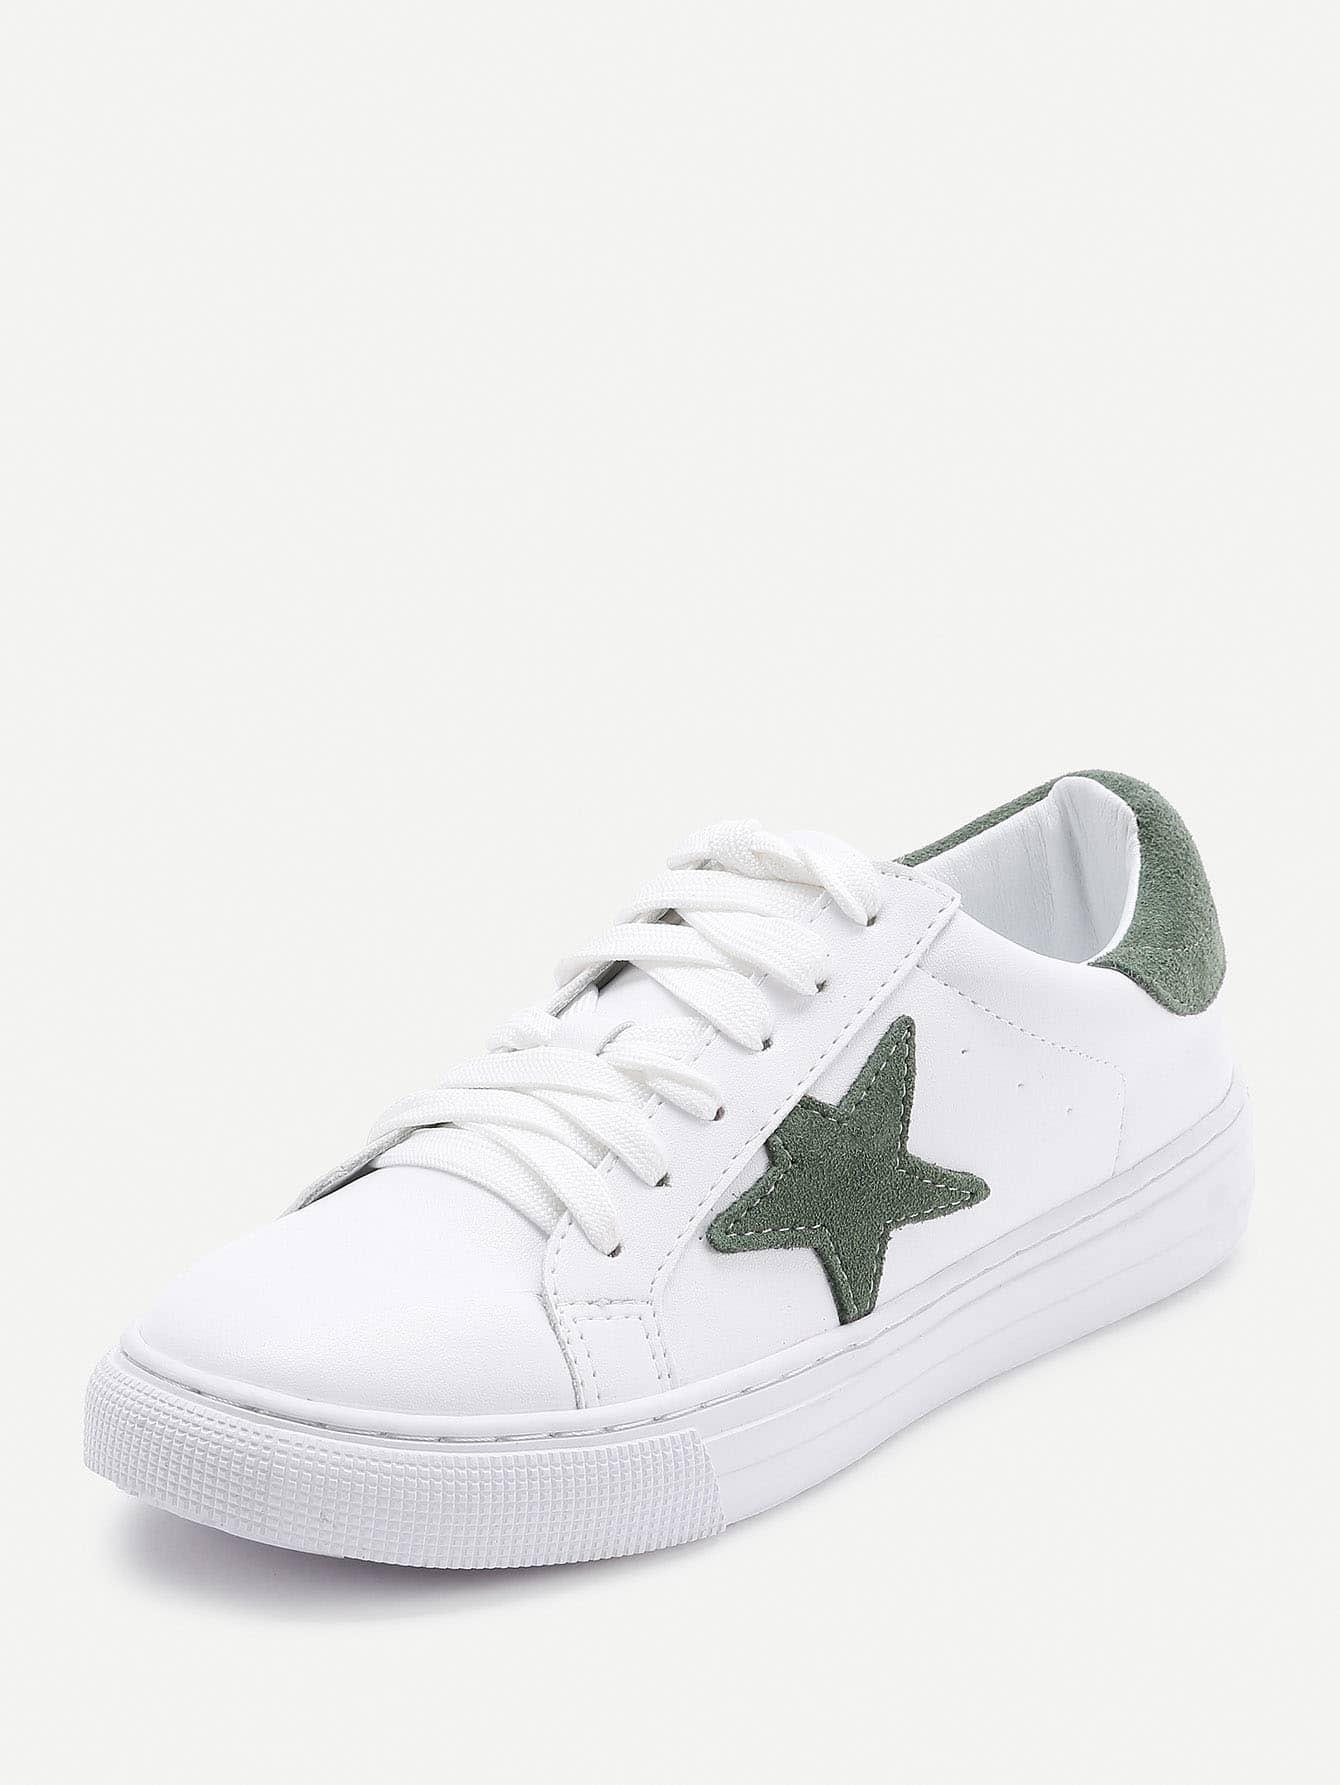 shoes170328803_2